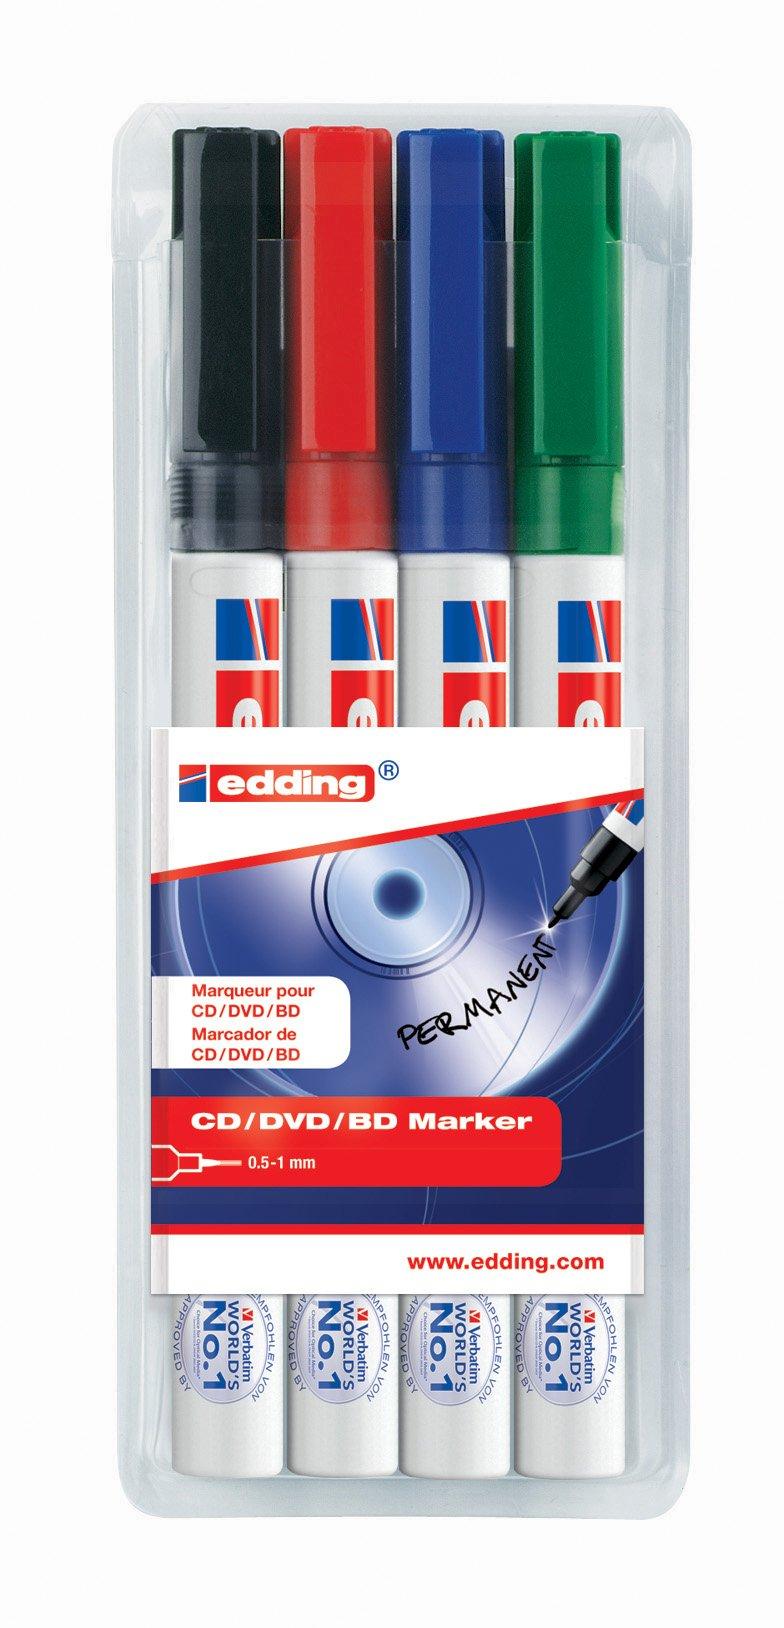 Edding 8400 CD Marker Permanent 0.75mm Line Black Ref 8400-001 Pack of 10